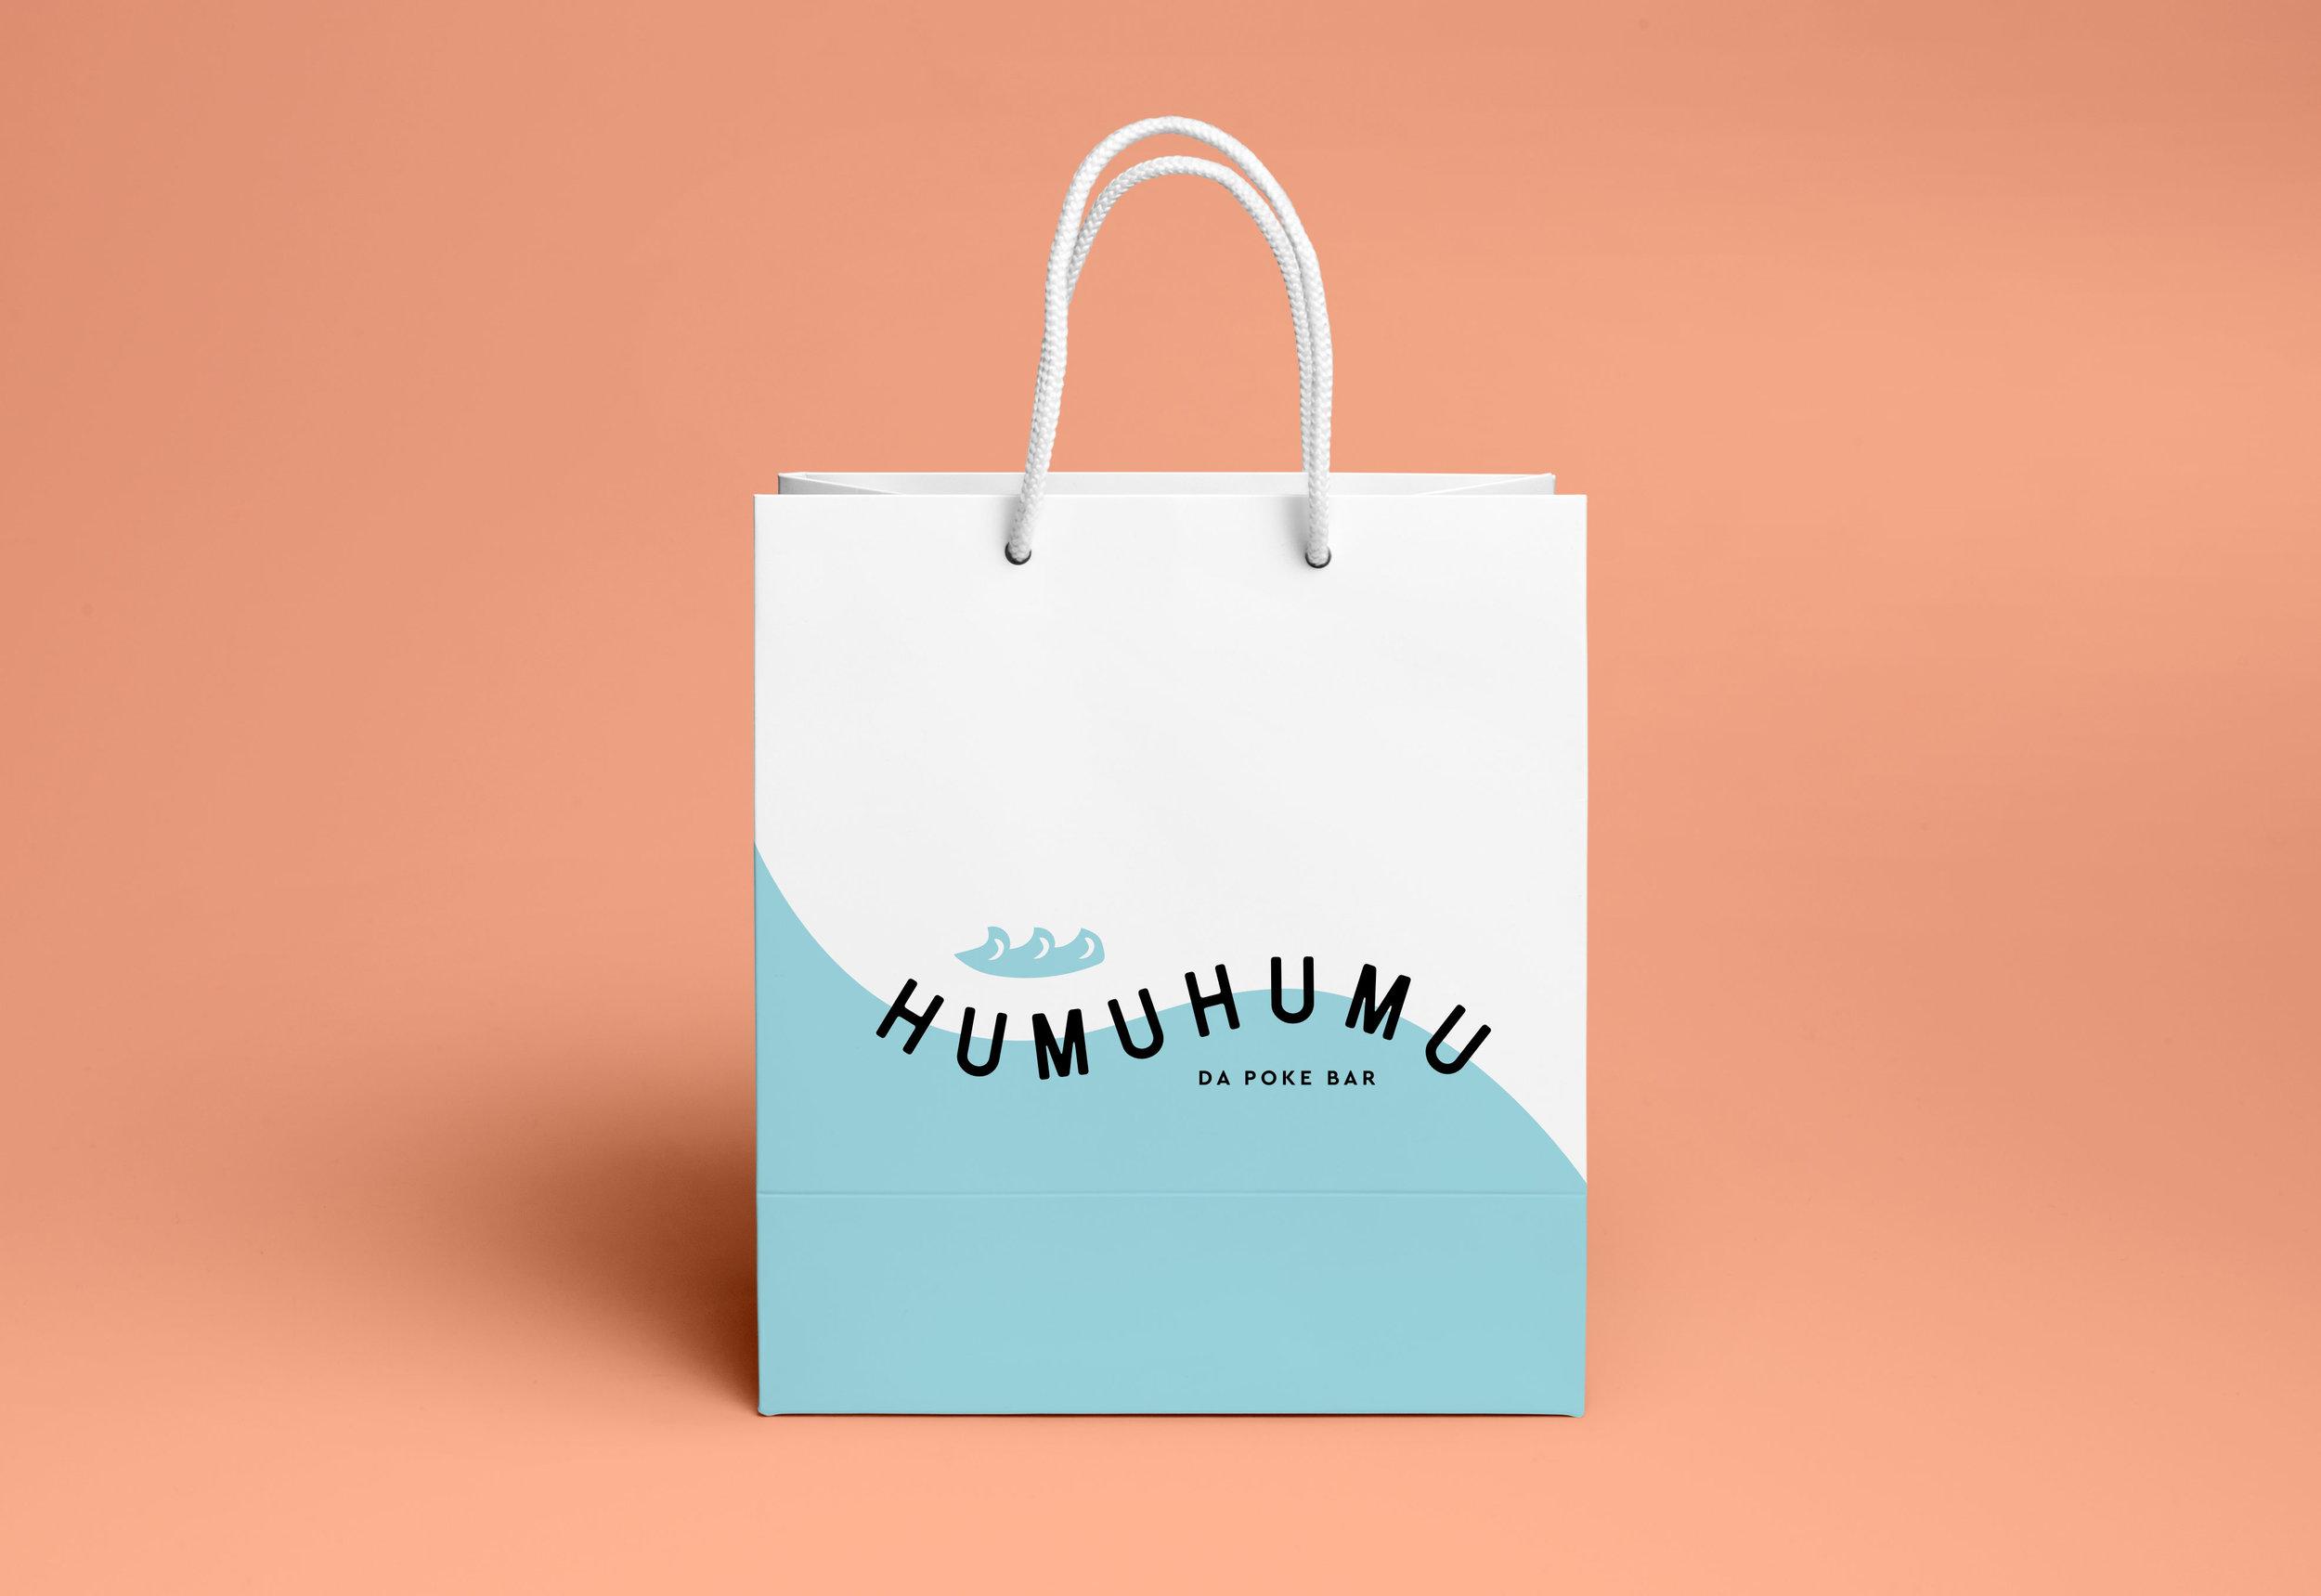 HumuhumuShoppingBag_MockUp.jpg